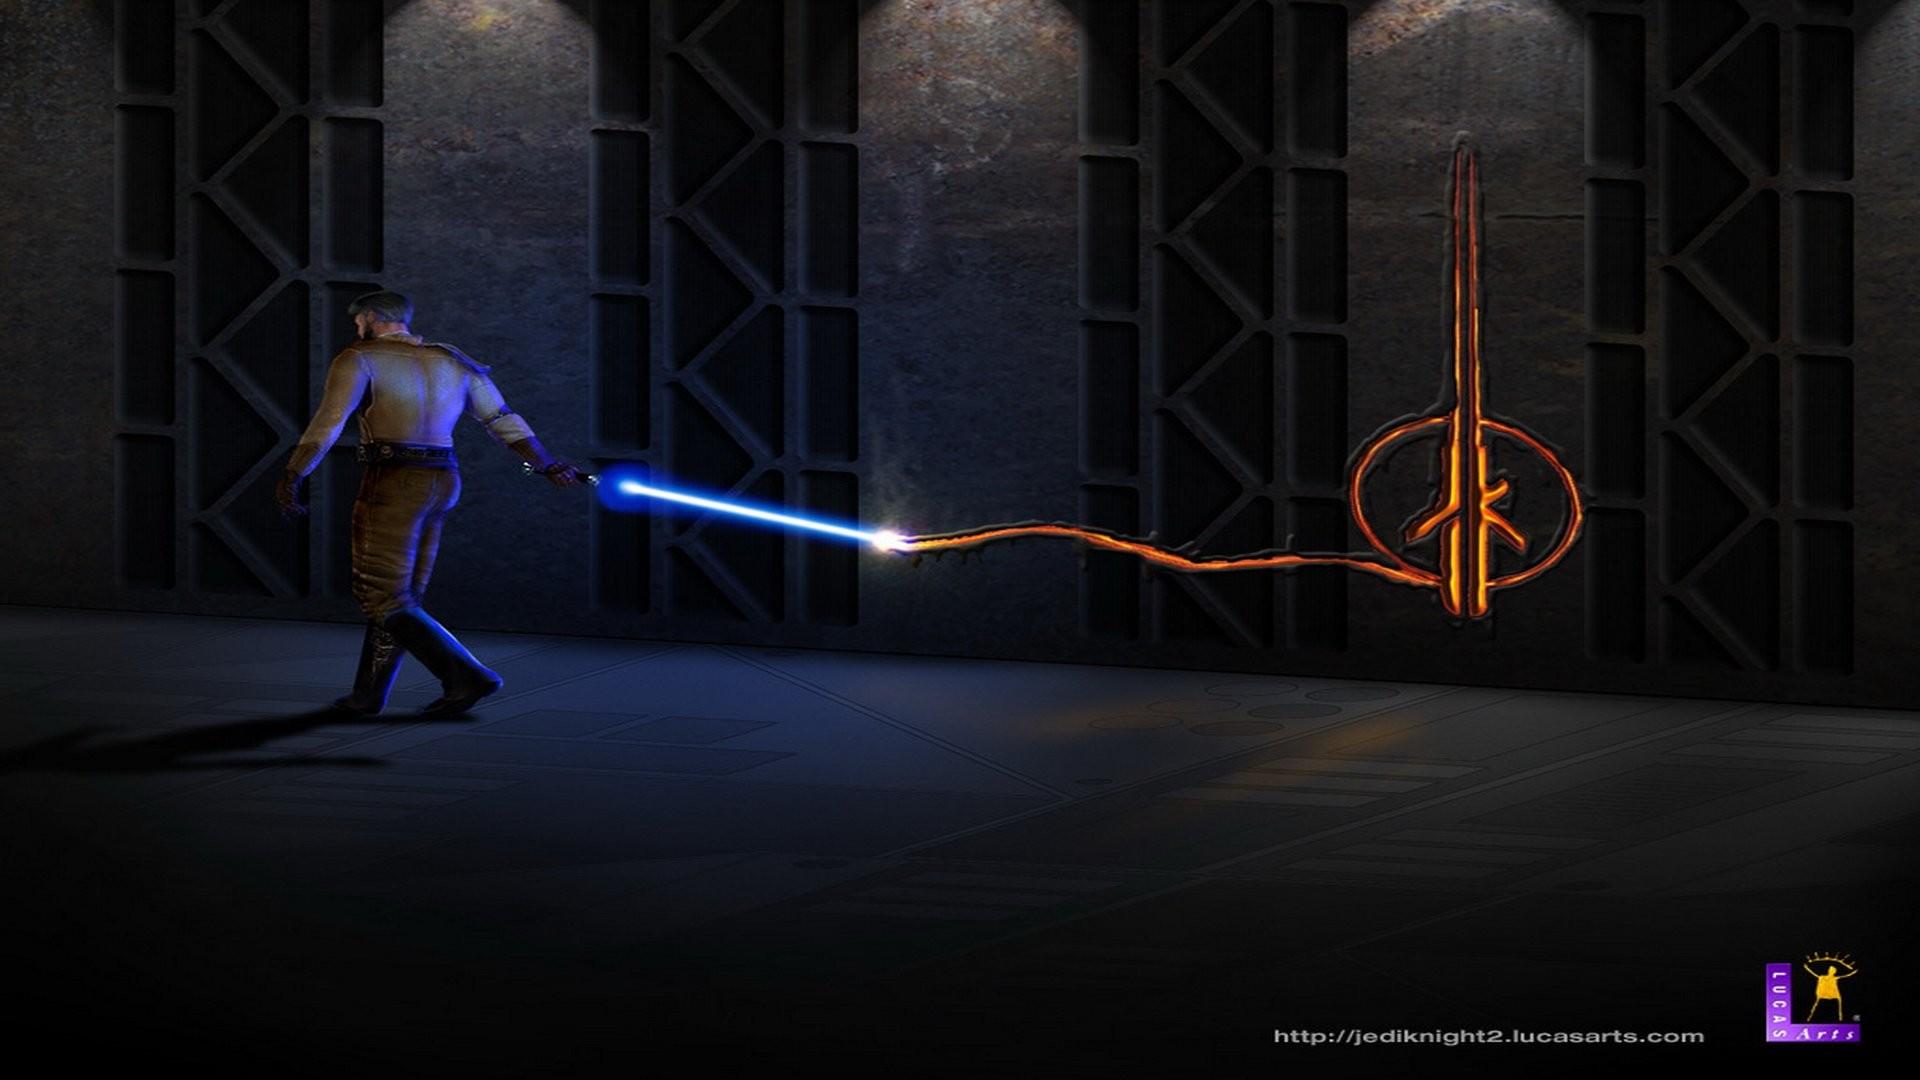 Star Wars Jedi Knight 2 Jedi Outcast Wallpaper » WallDevil – Best free HD  desktop and